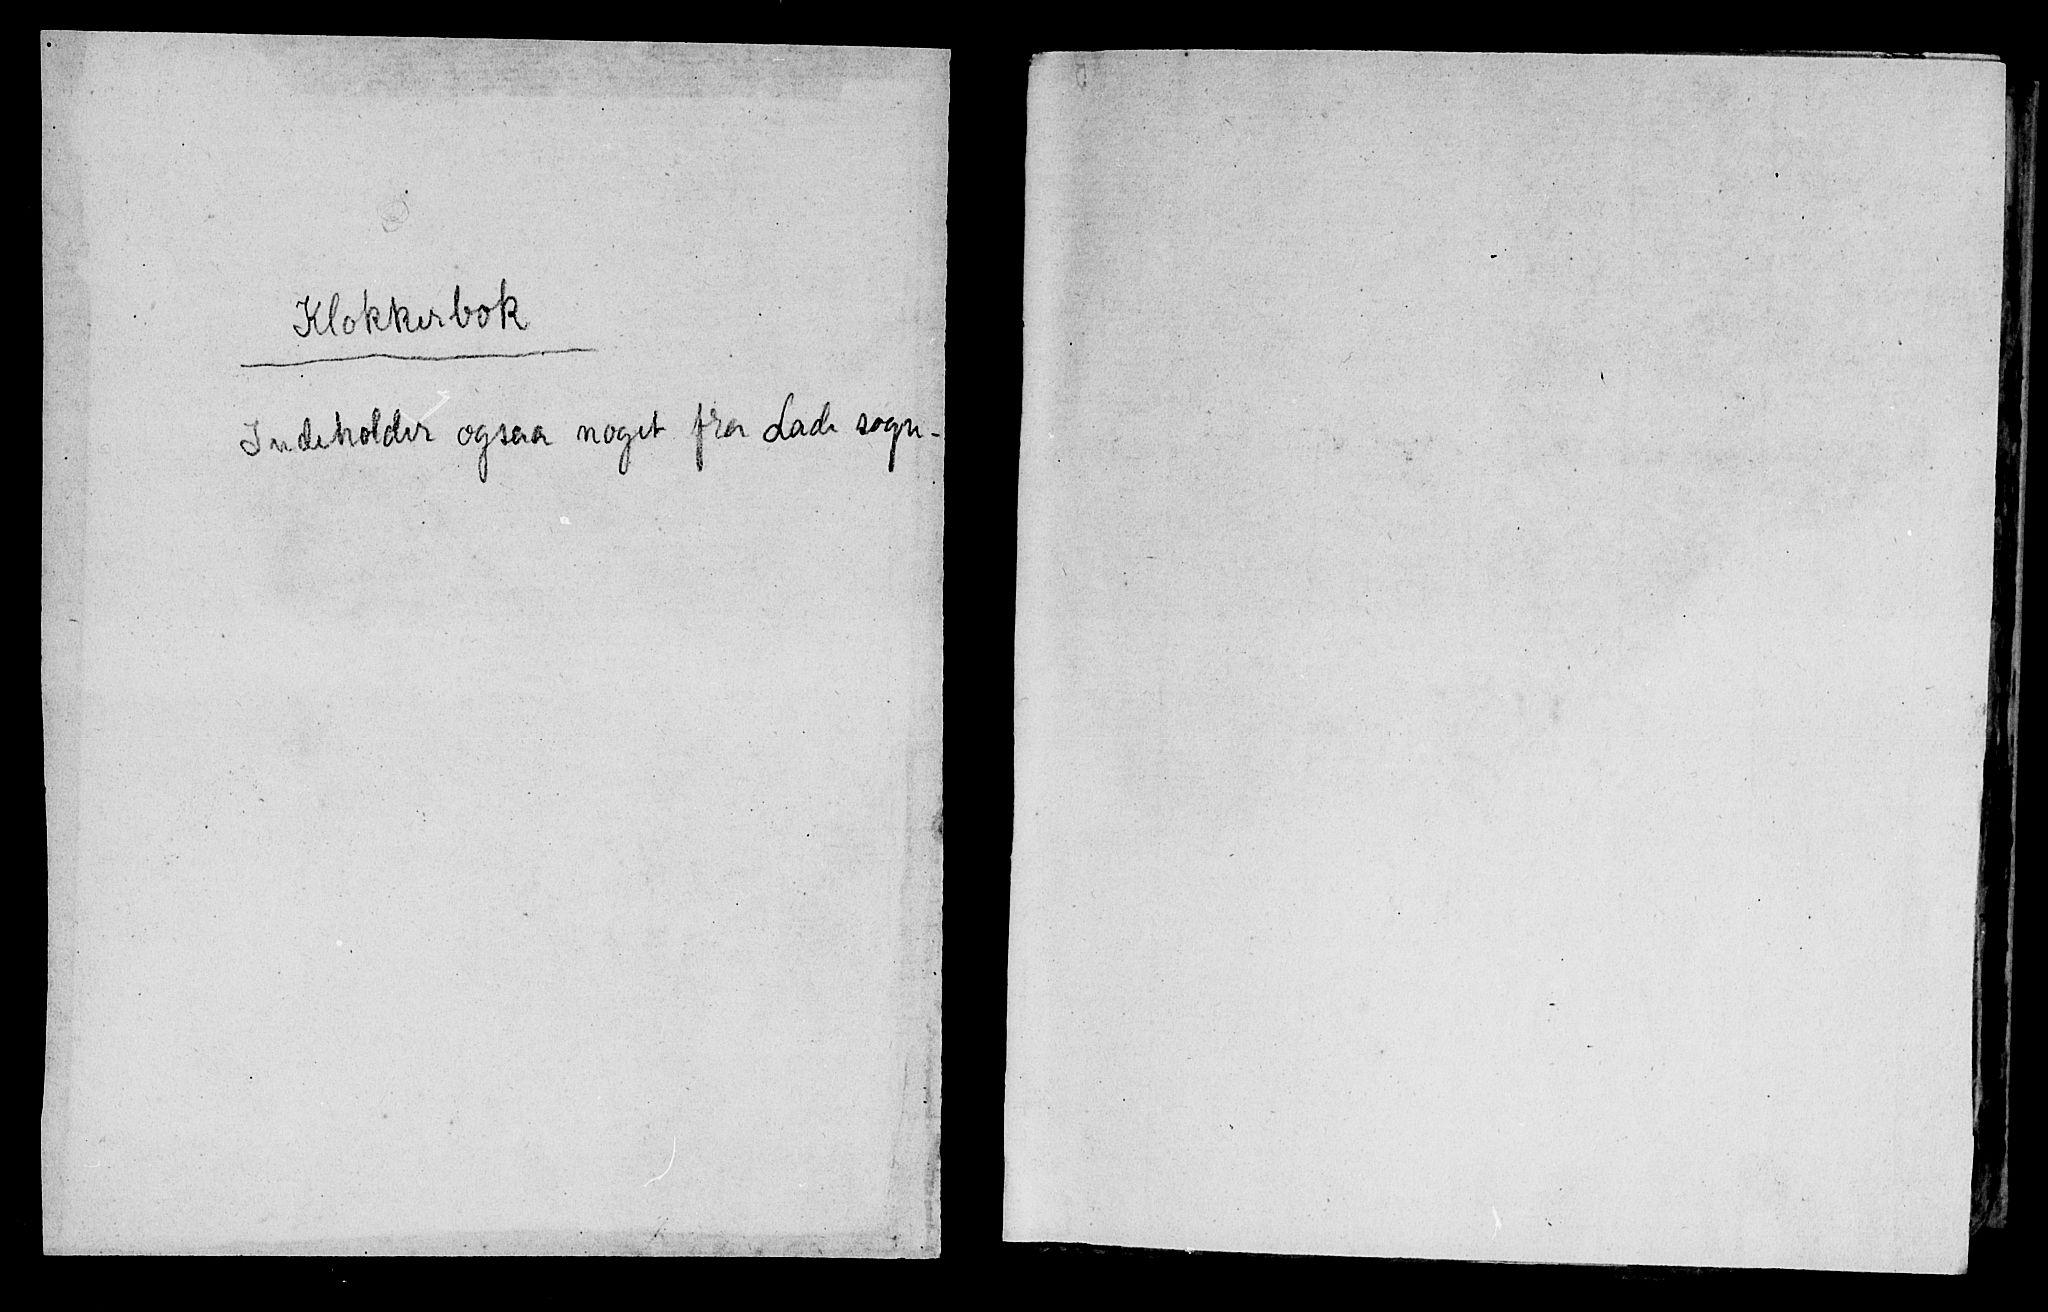 SAT, Ministerialprotokoller, klokkerbøker og fødselsregistre - Sør-Trøndelag, 604/L0218: Klokkerbok nr. 604C01, 1754-1819